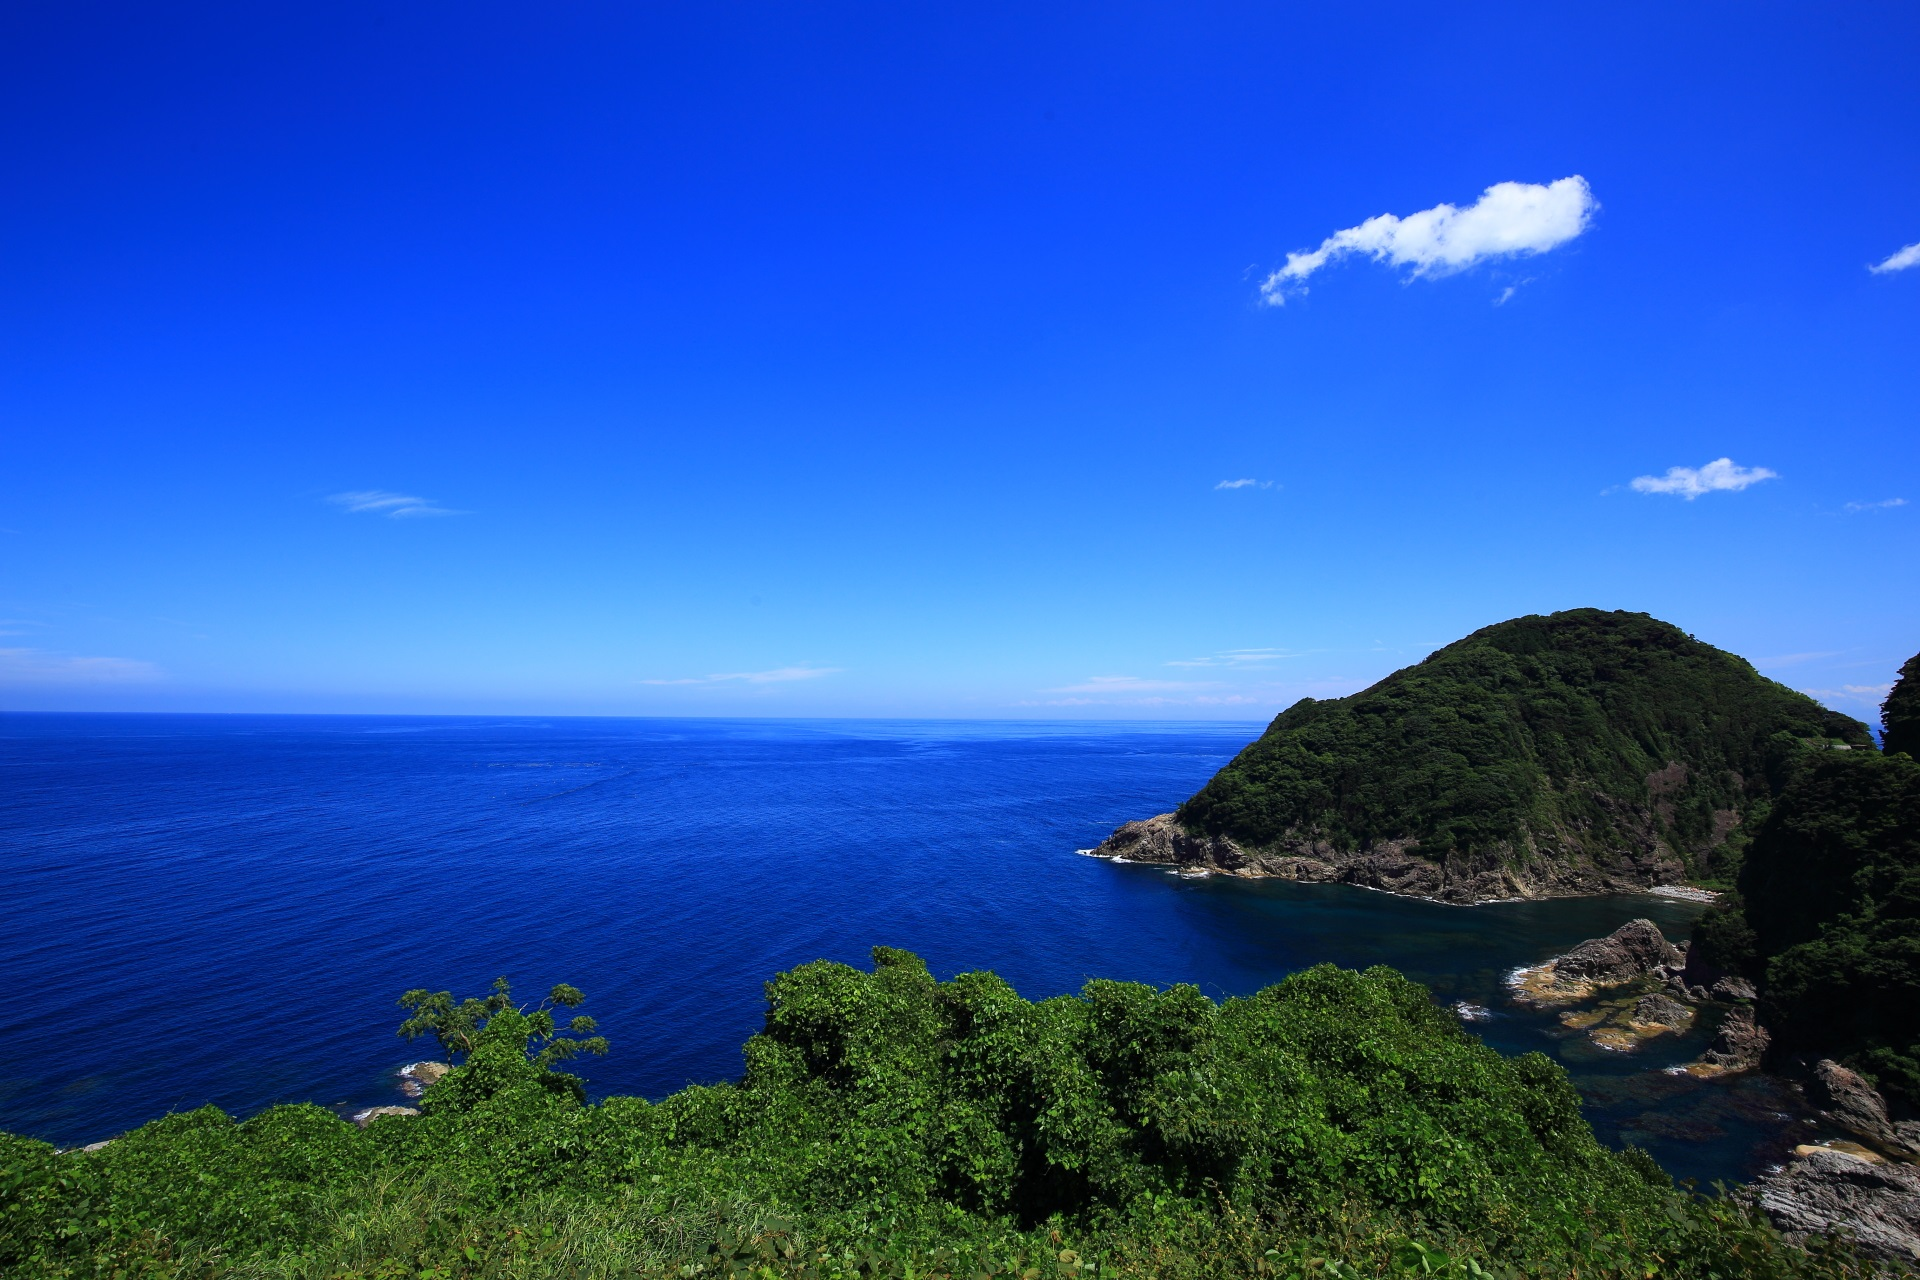 見事な青空と日本海が開けるカマヤ海岸